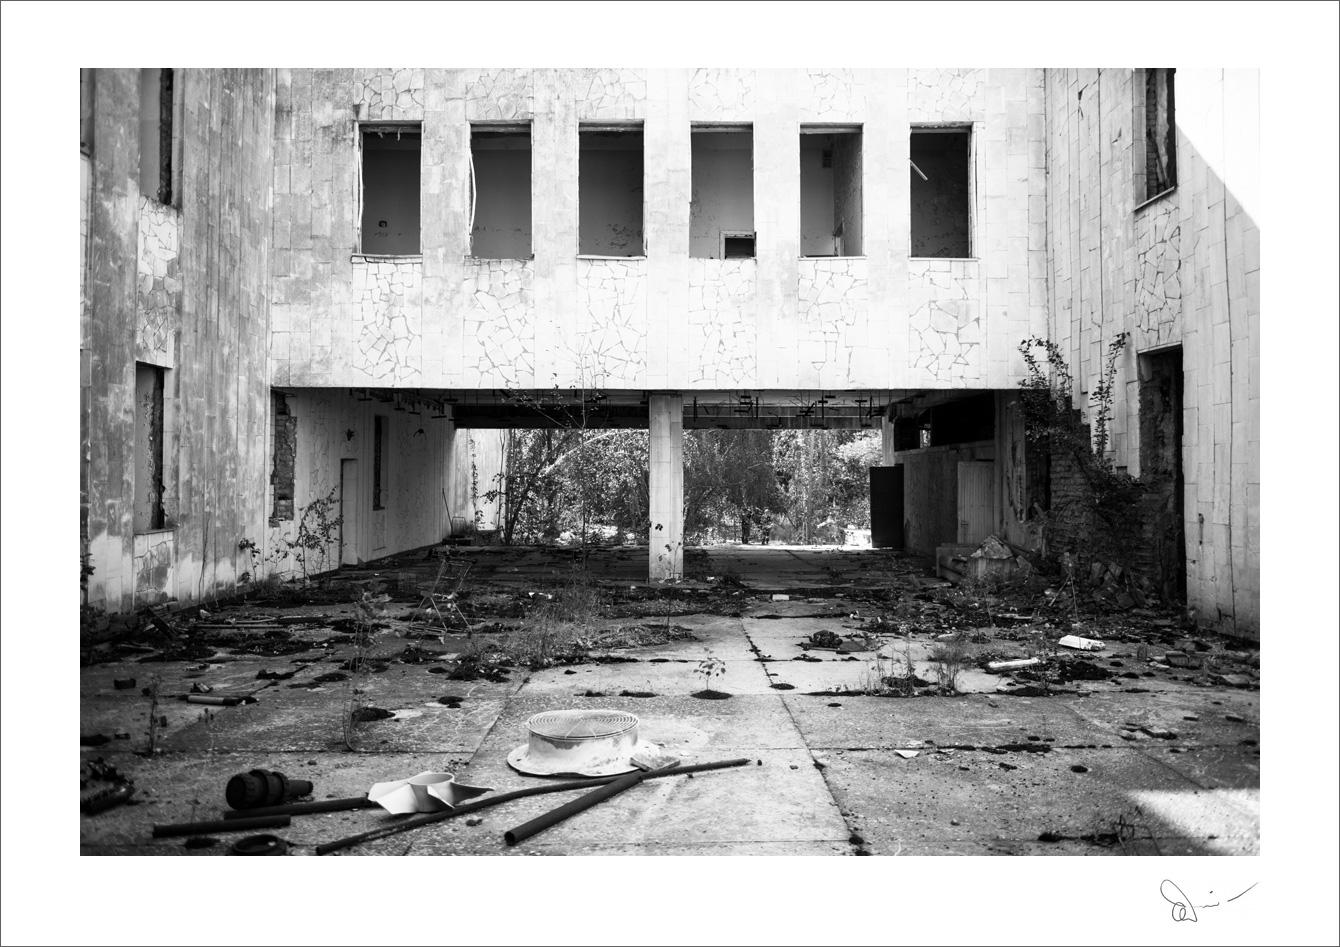 Chernobyl #2